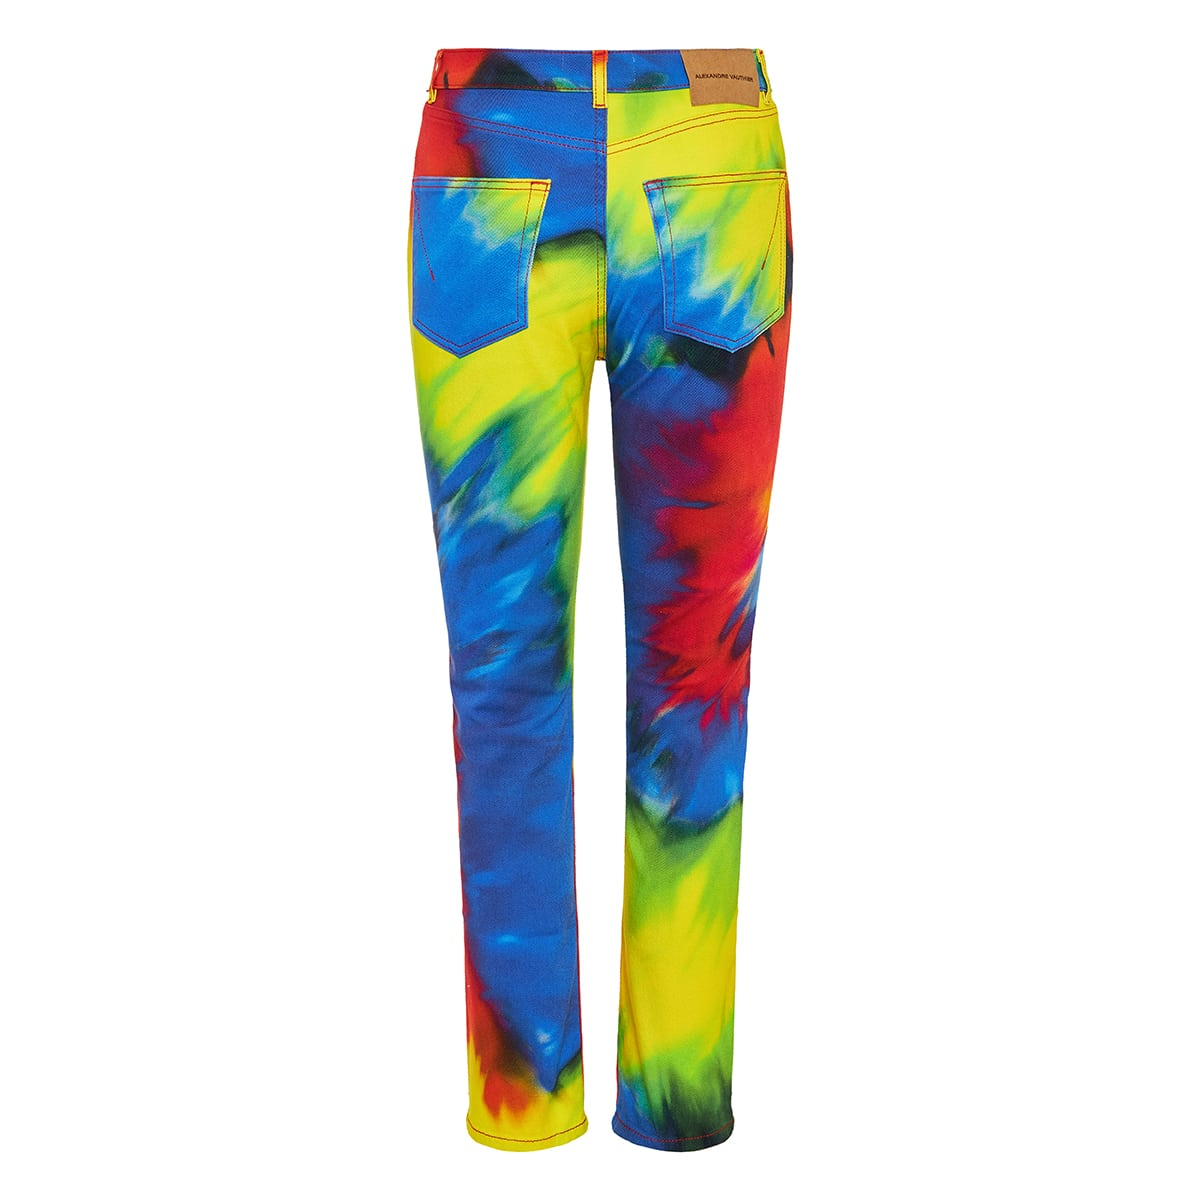 Tie-dye jeans